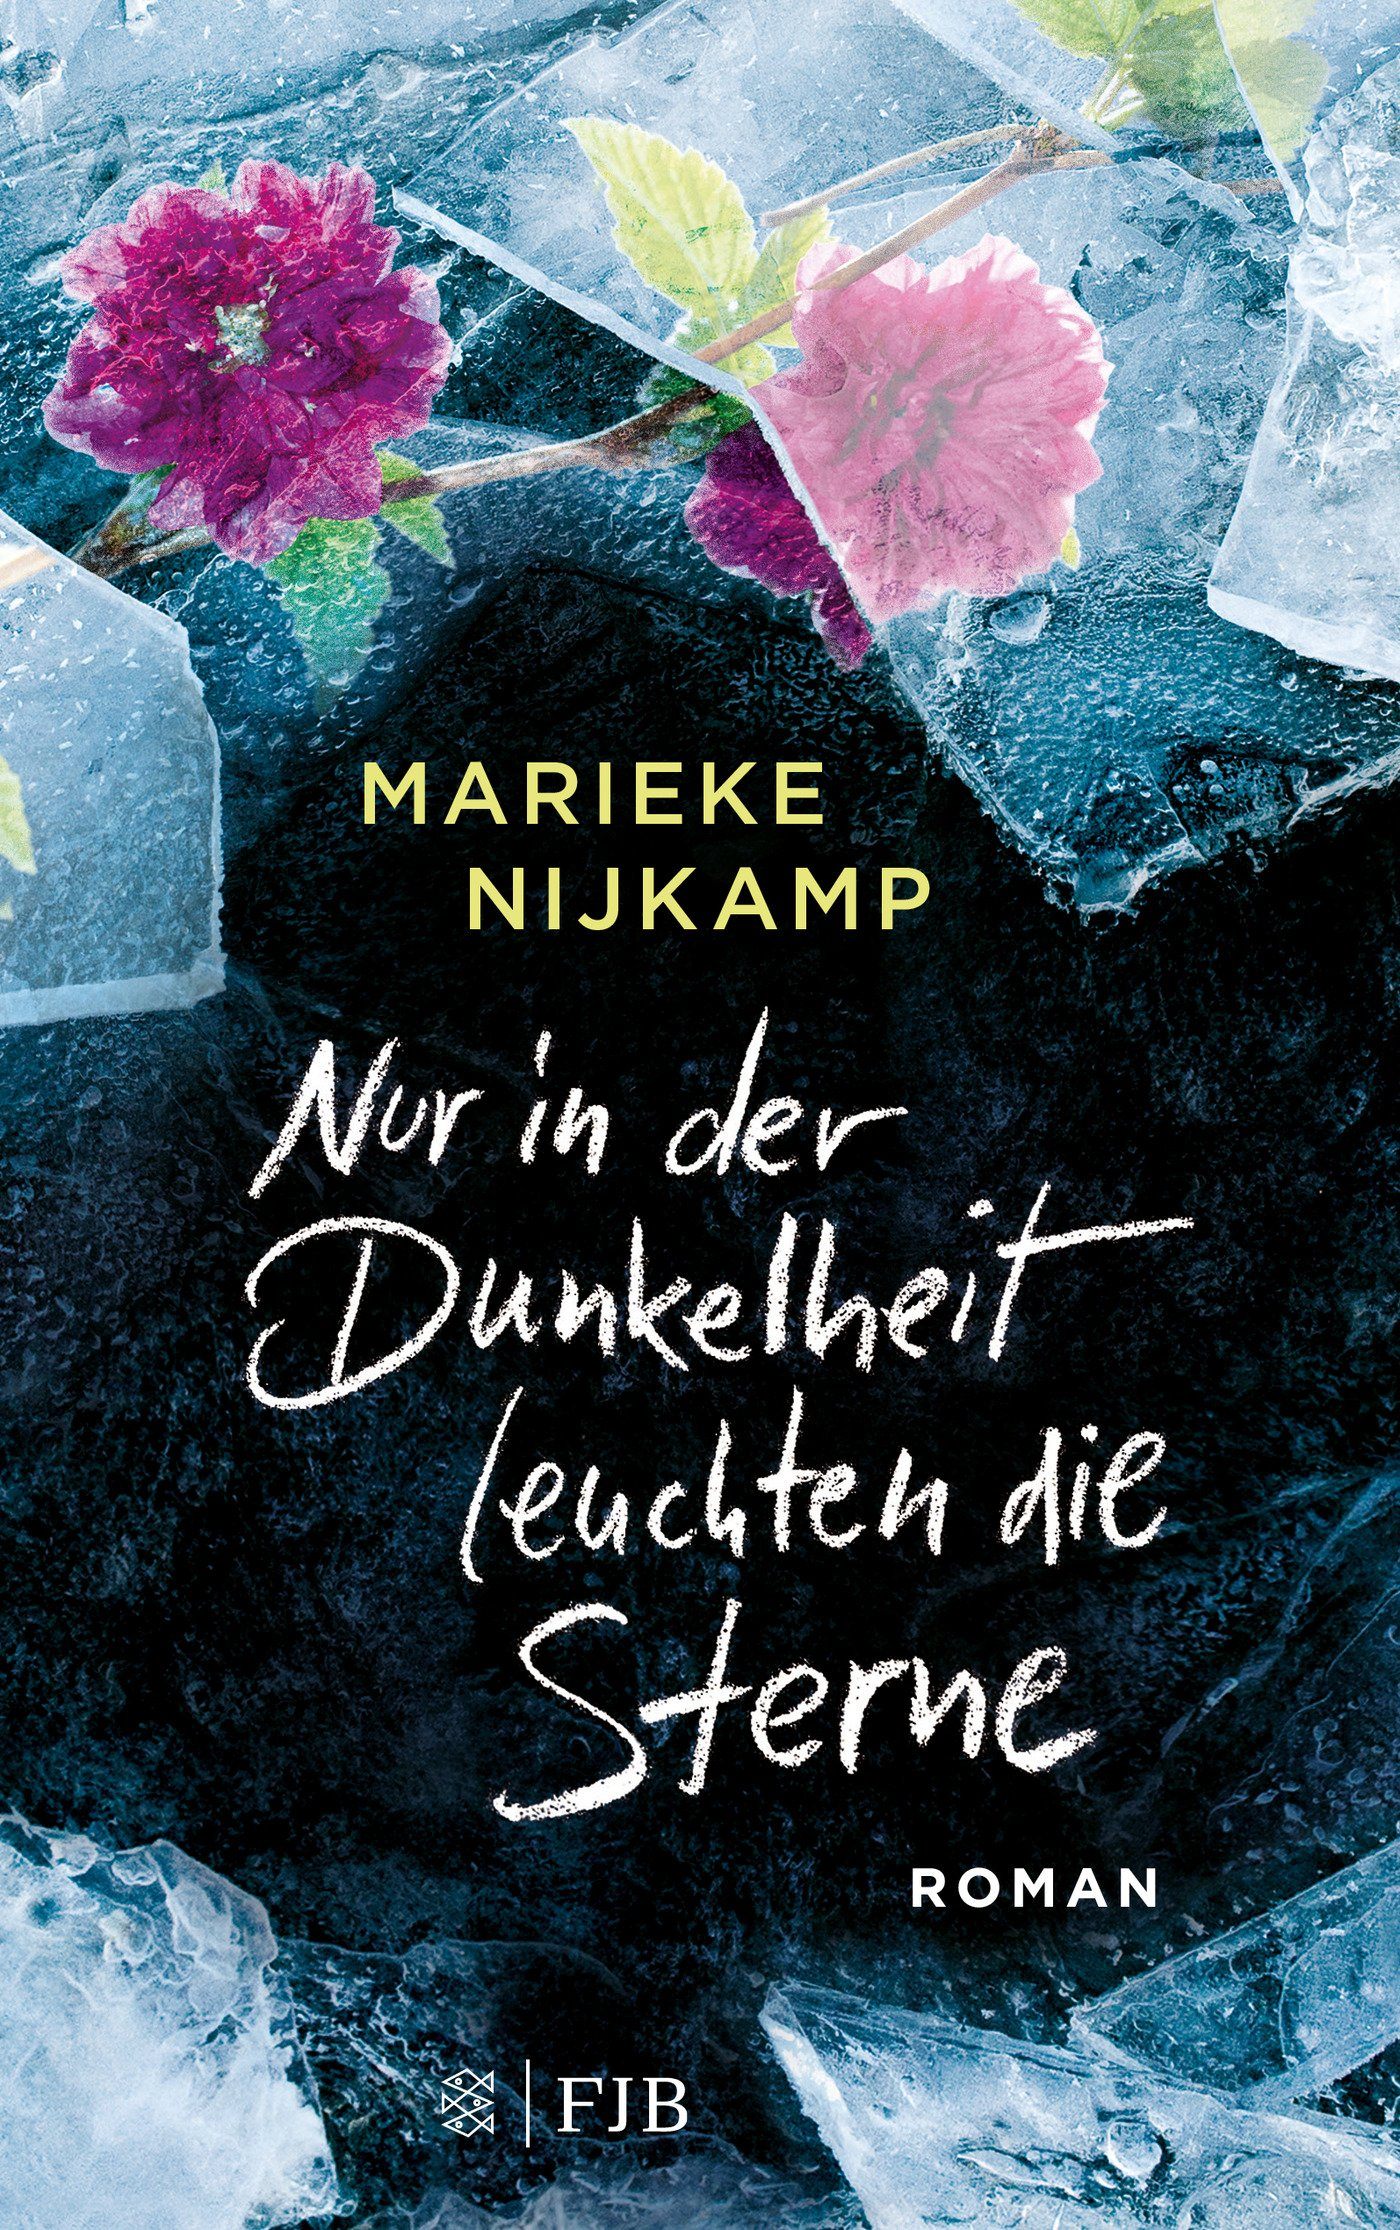 Nur in der Dunkelheit leuchten die Sterne: Roman Broschiert – 24. Oktober 2018 Marieke Nijkamp Mo Zuber FISCHER FJB 3841440266